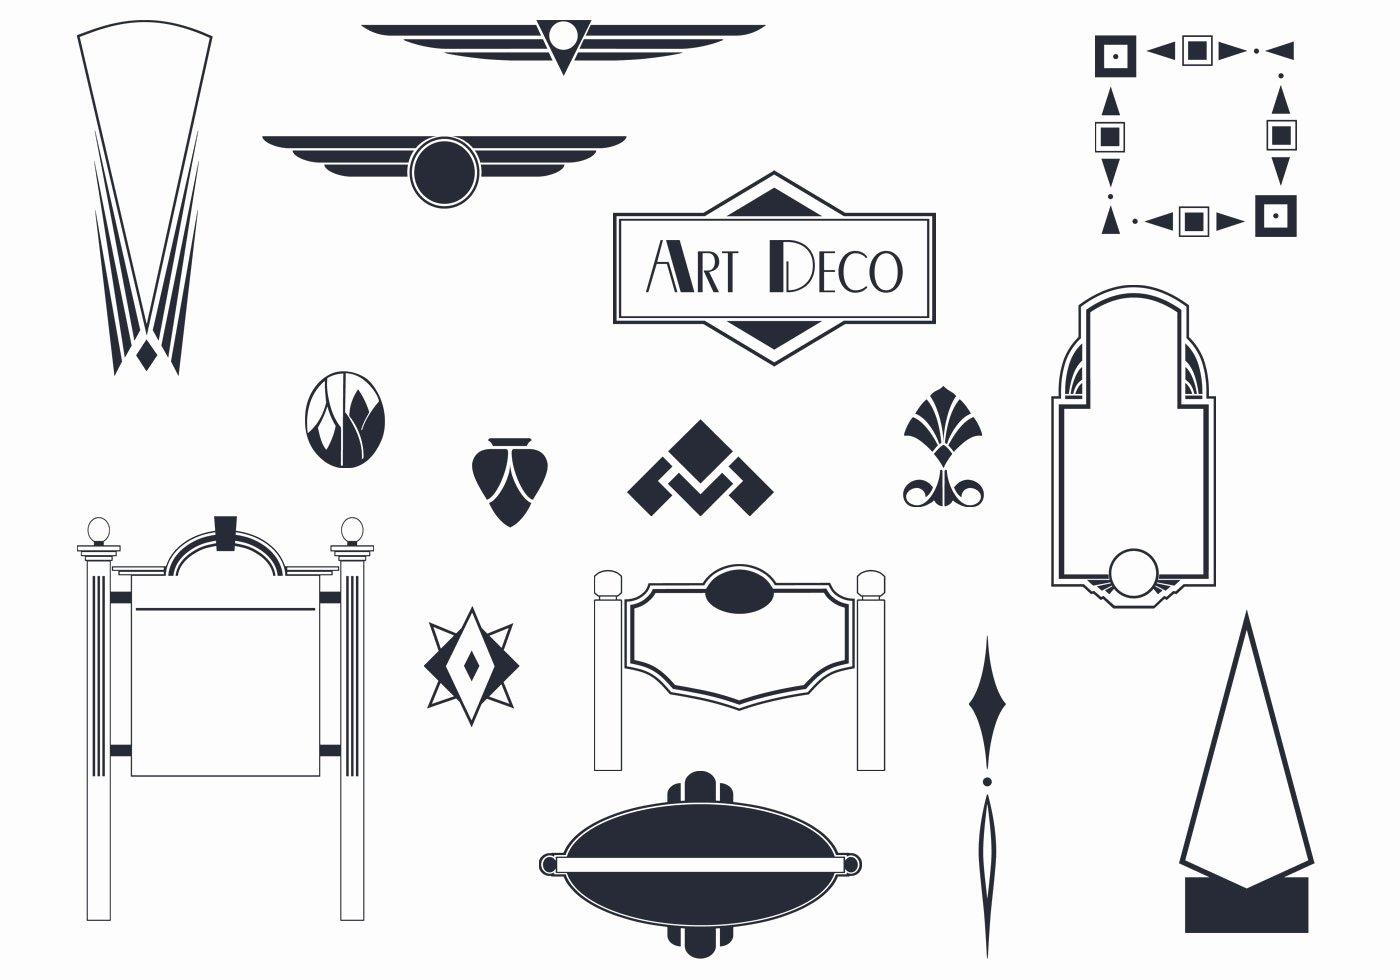 Free Art Deco Vector Lovely Art Deco Signs and ornaments Vectors Download Free Vectors Clipart Graphics & Vector Art